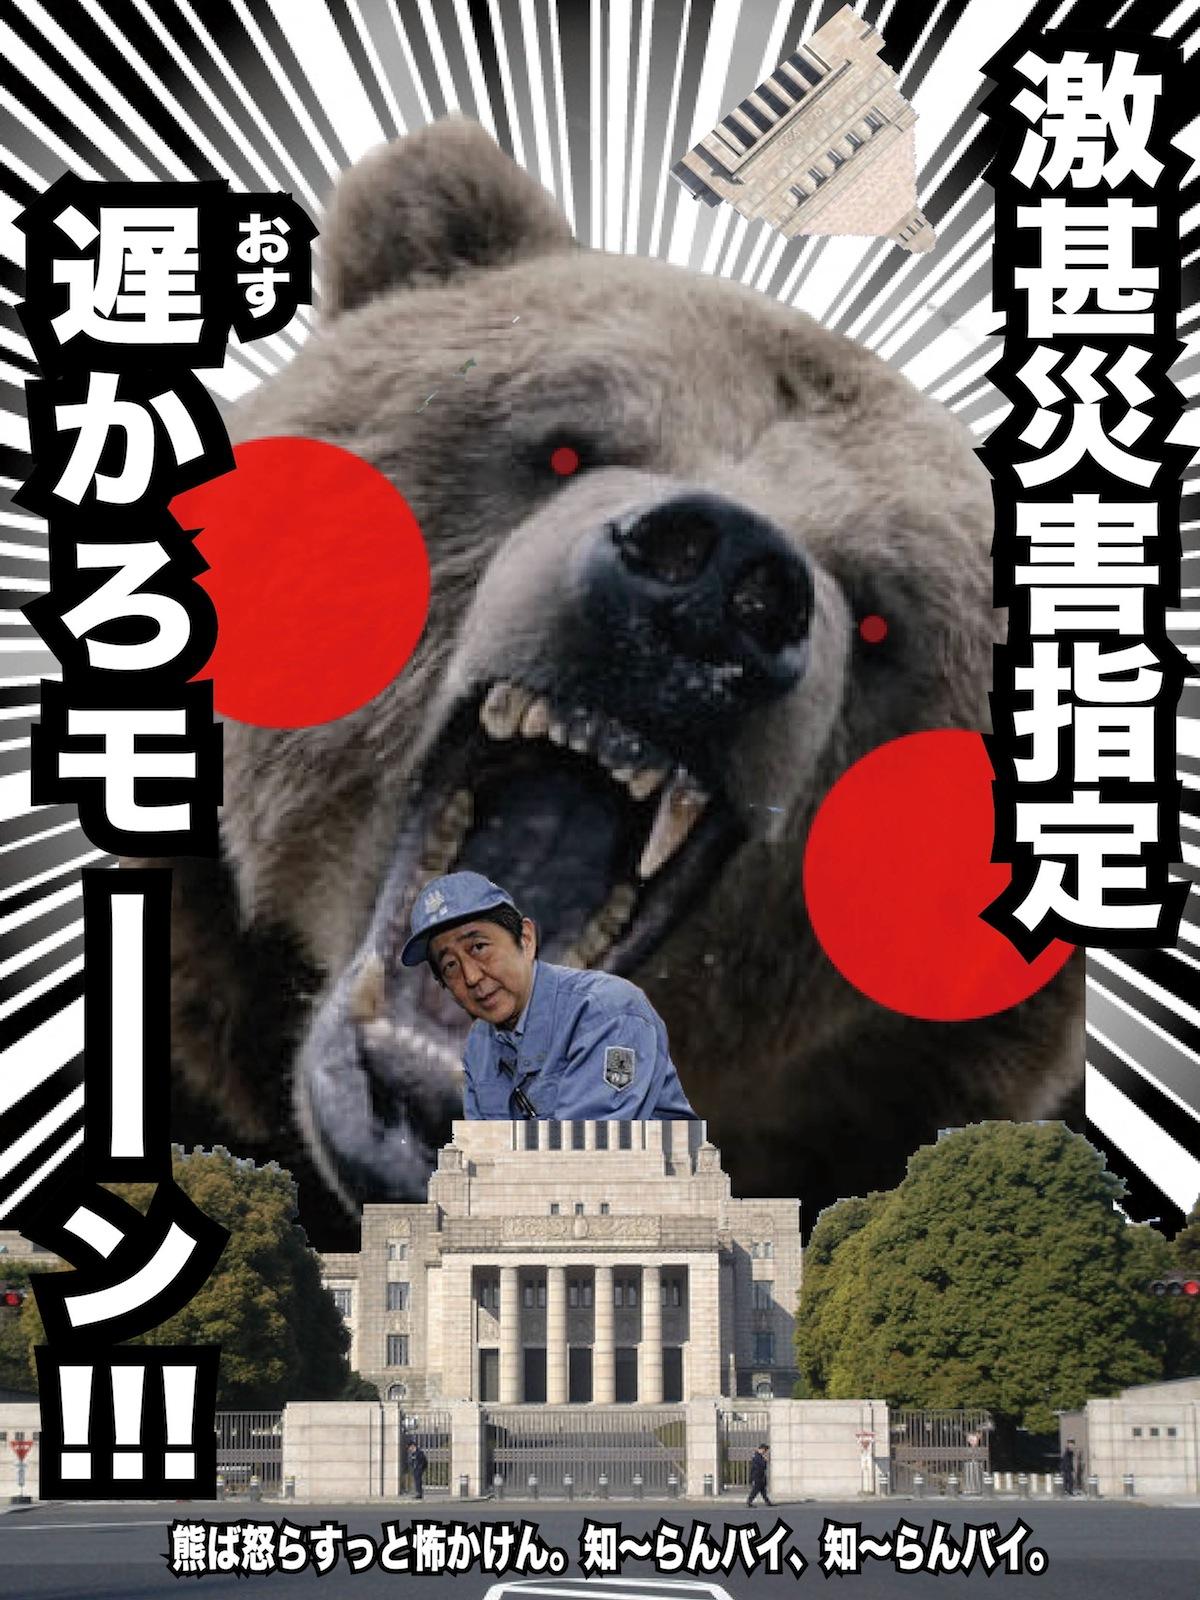 熊本地震 熊本大地震